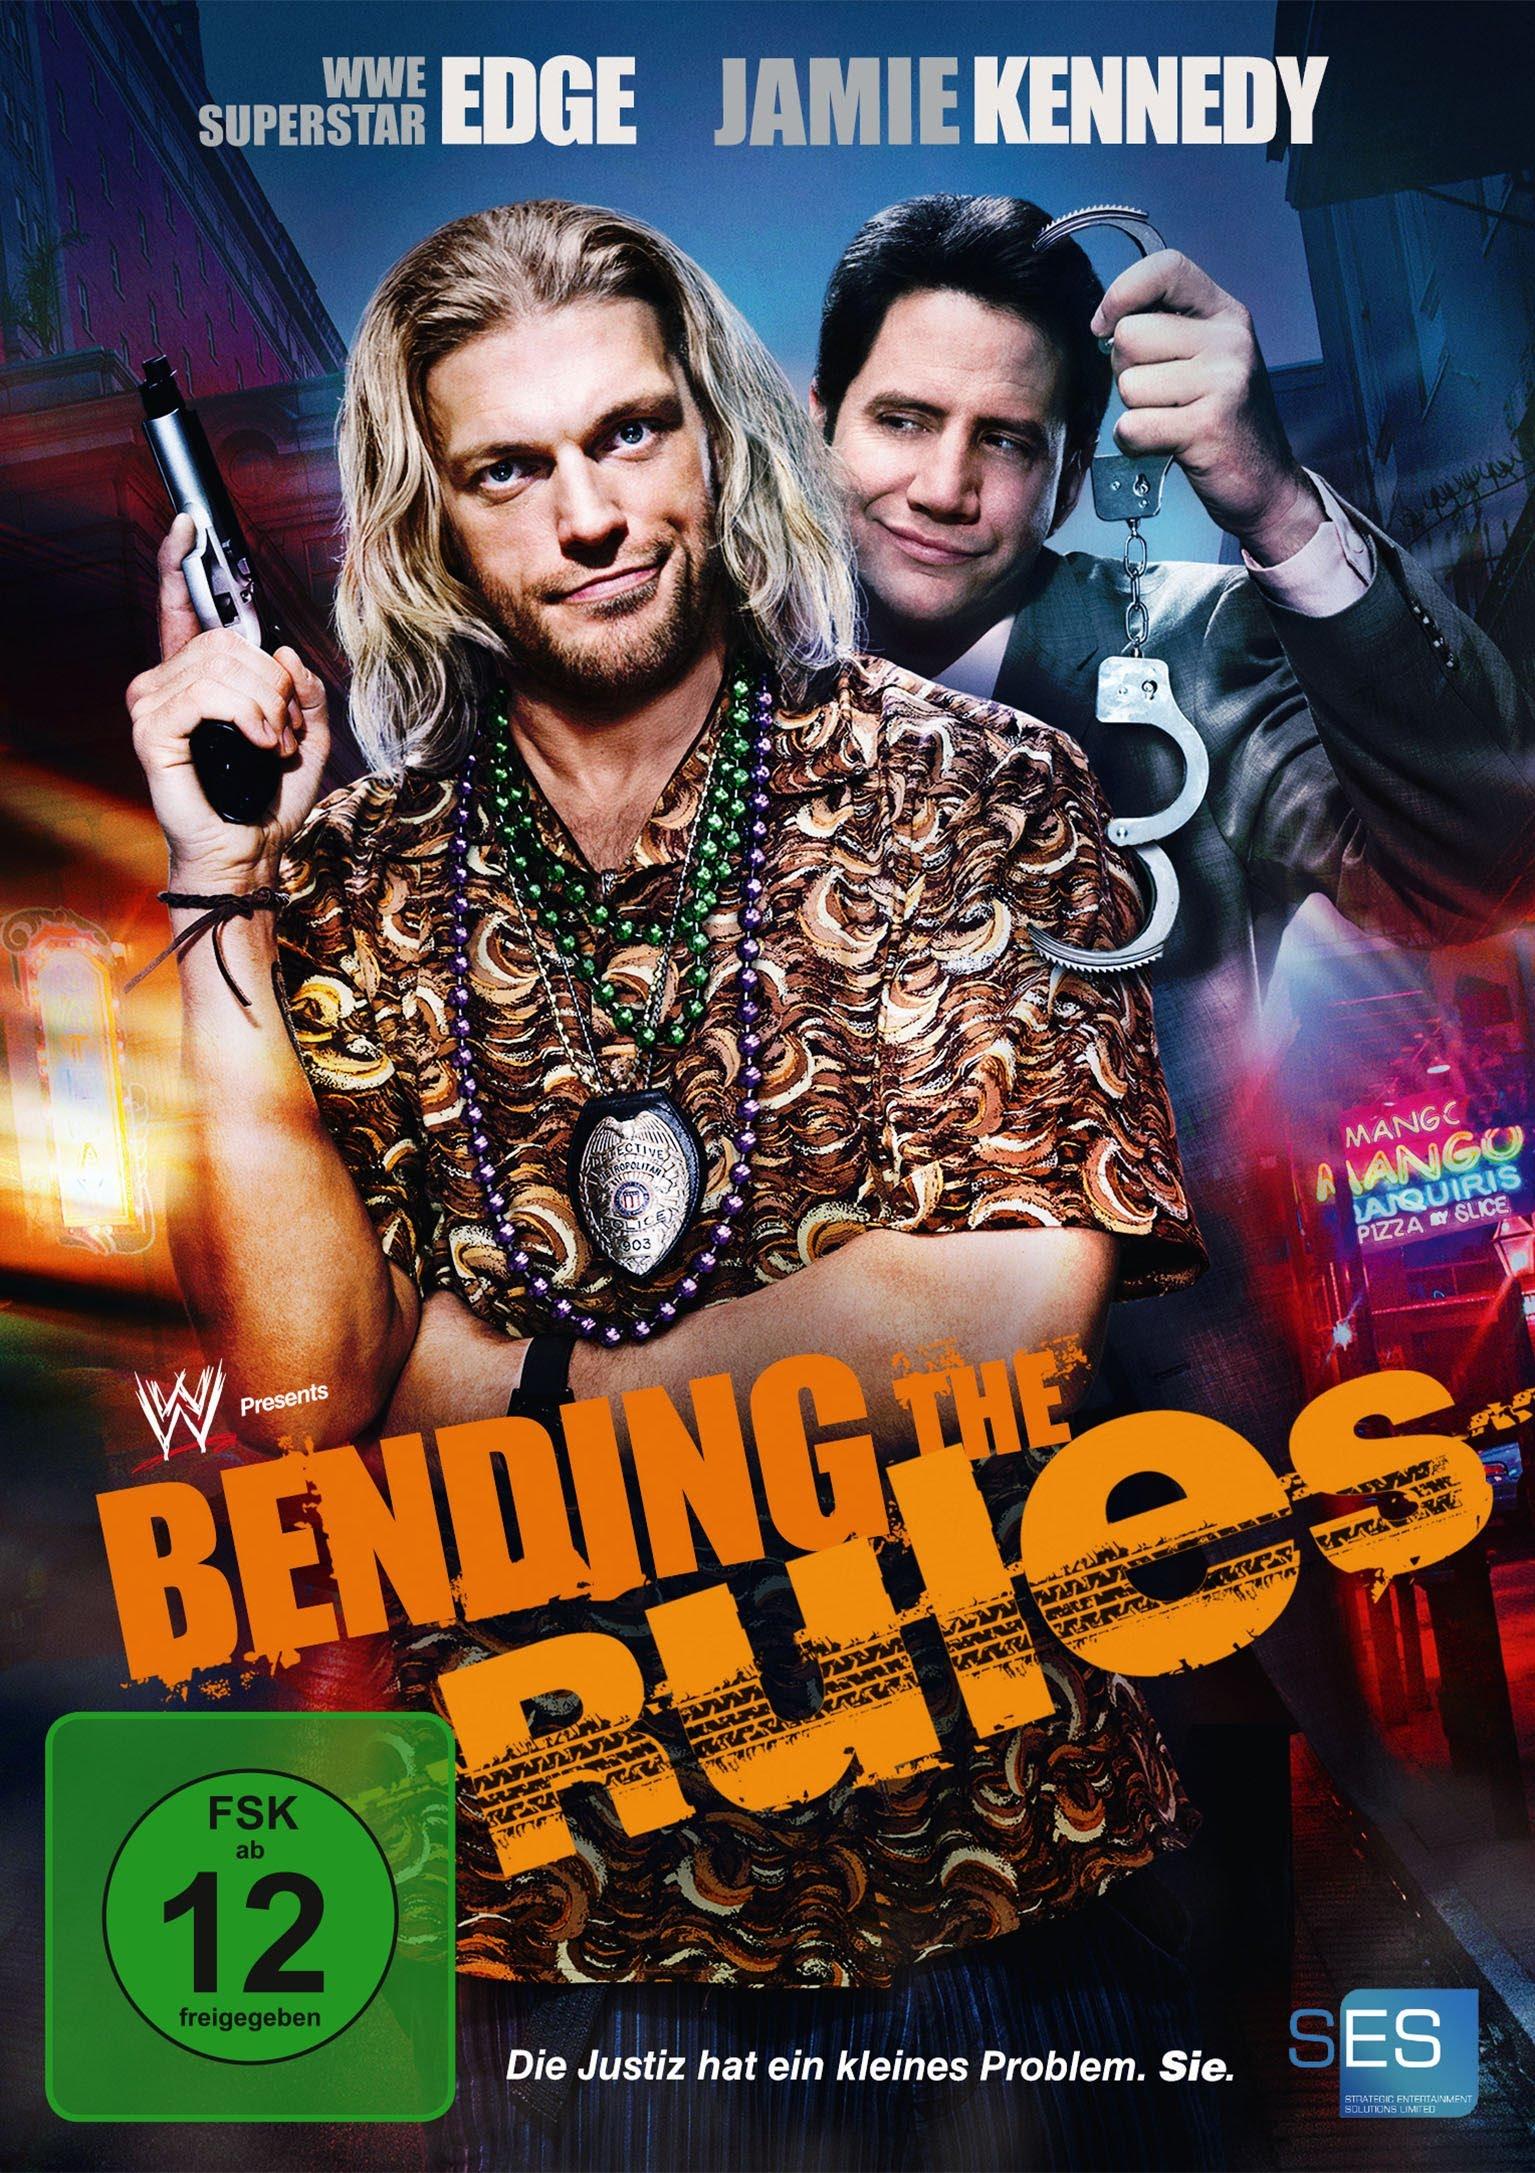 Bending The Rules - Trailer deutsch (offiziell)